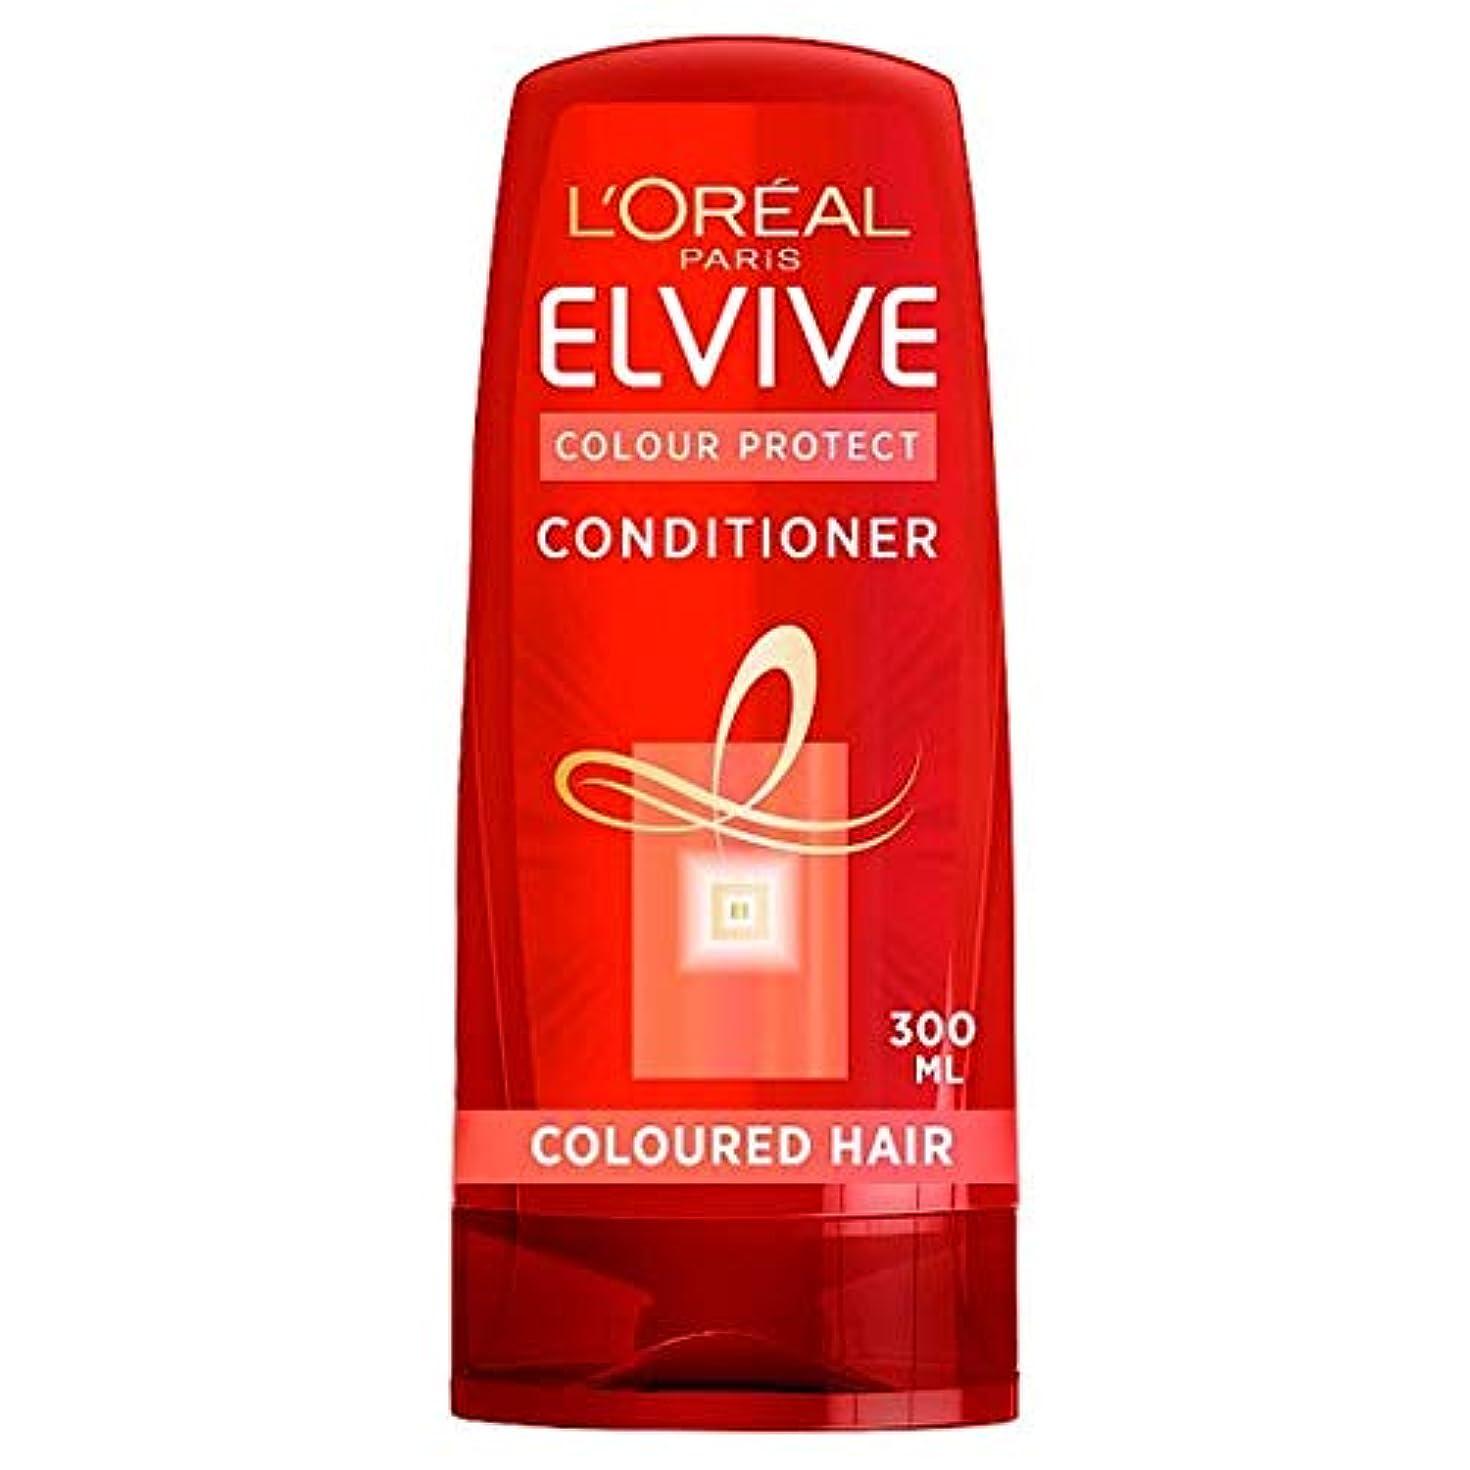 ローマ人引き出しマラドロイト[Elvive] ロレアルElvive色の保護ヘアコンディショナー300ミリリットル - L'oreal Elvive Coloured Protection Hair Conditioner 300Ml [並行輸入品]